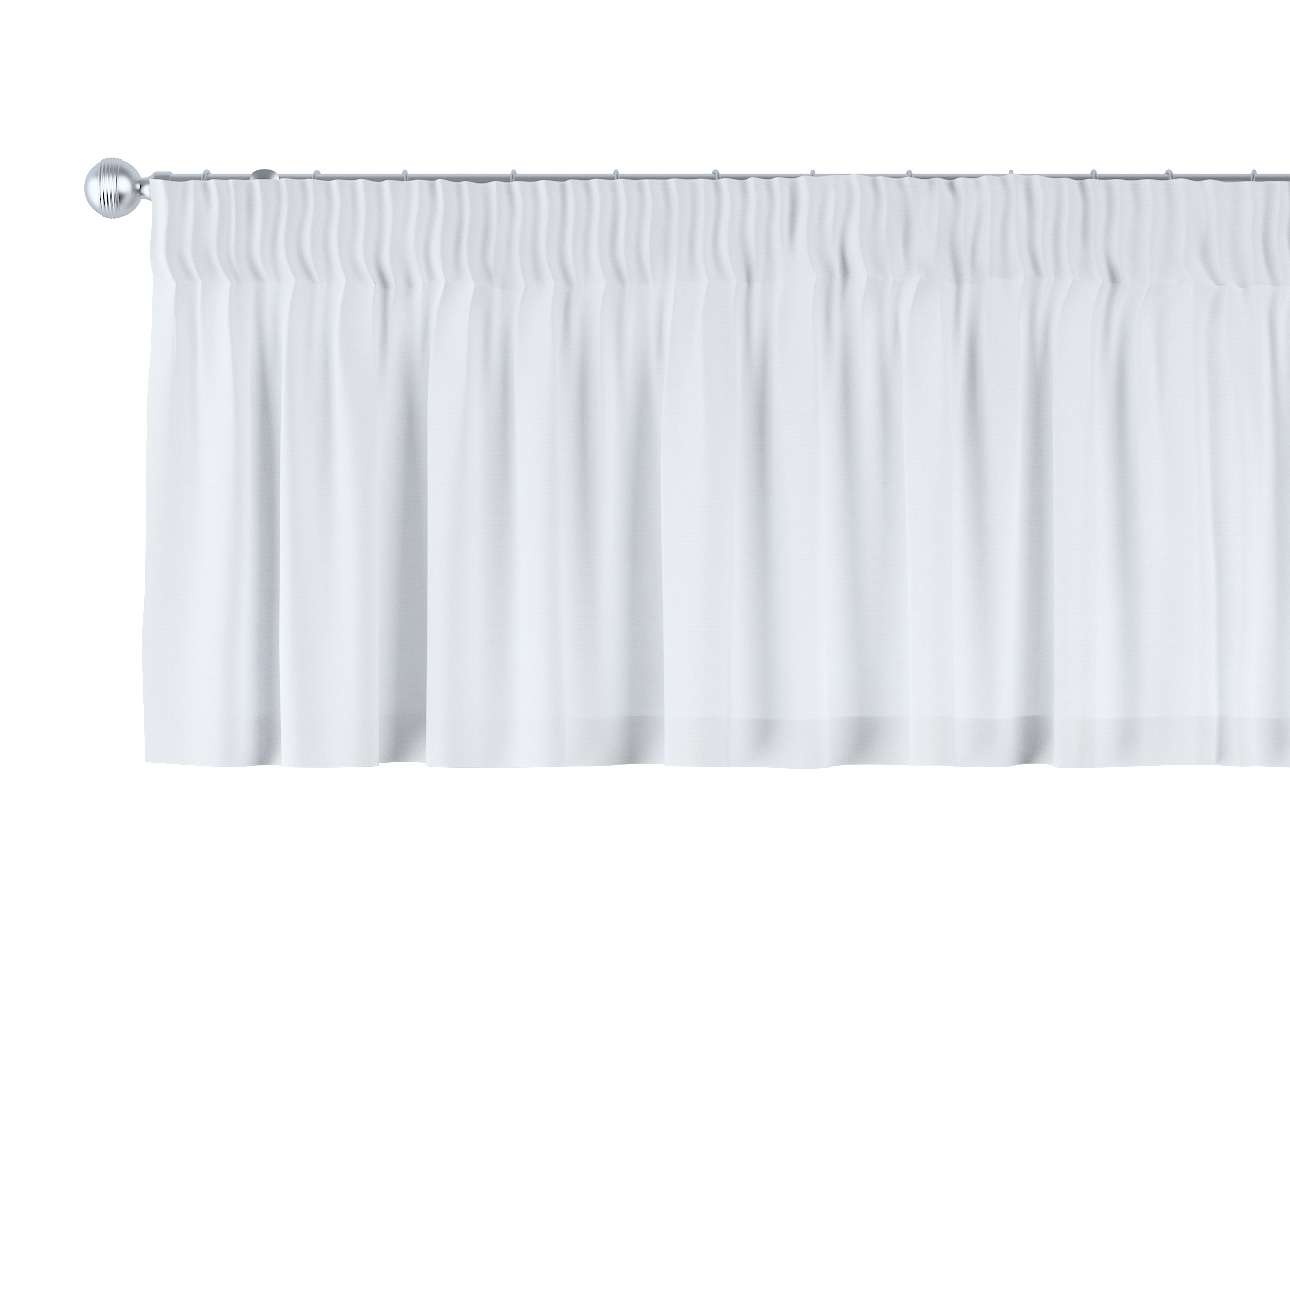 Kurzgardine mit Kräuselband 130 x 40 cm von der Kollektion Loneta, Stoff: 133-02